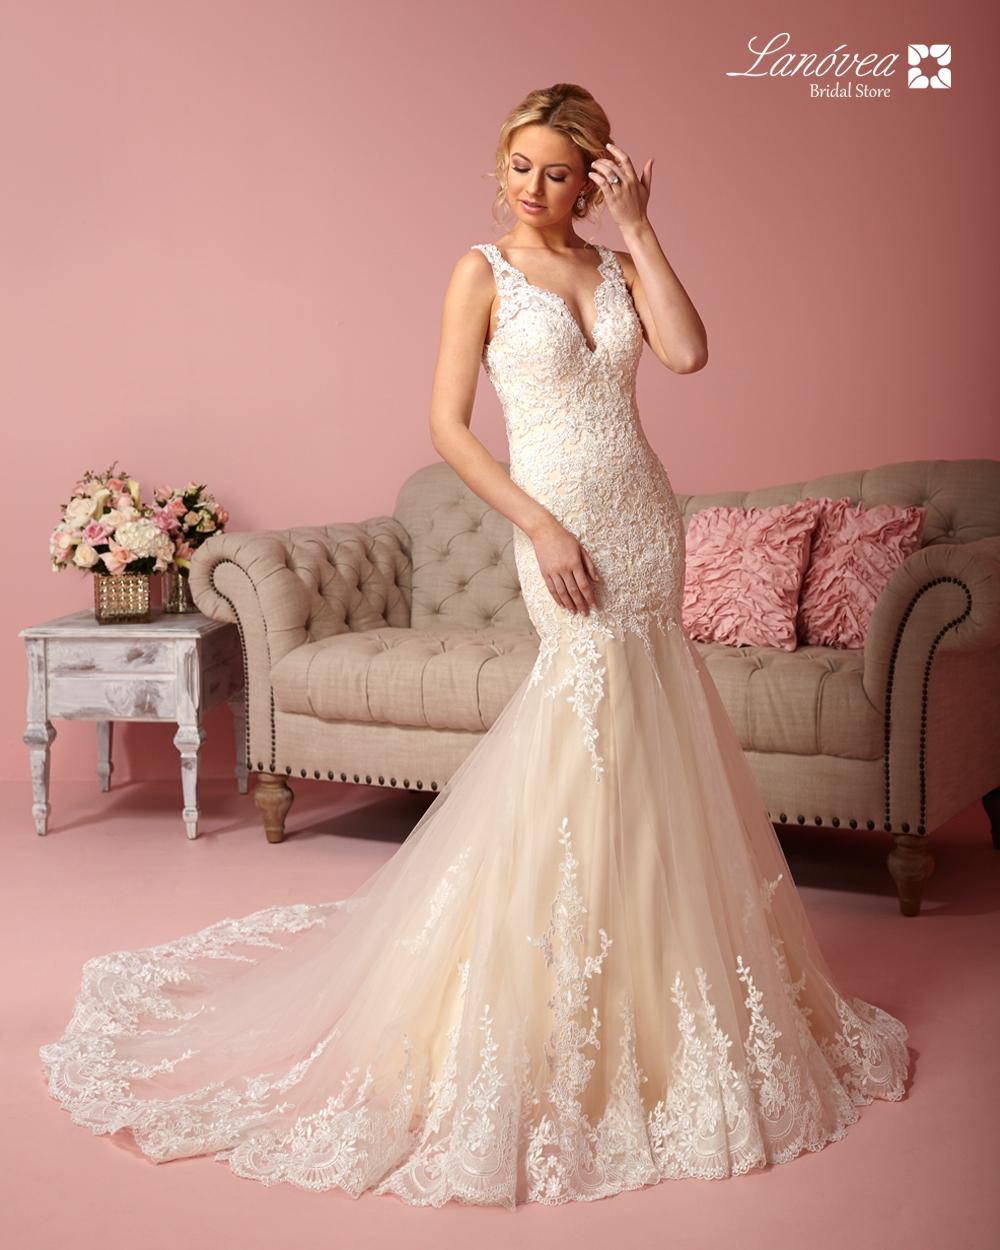 Elegante vestido de novia en encajes sirena - Lanovea